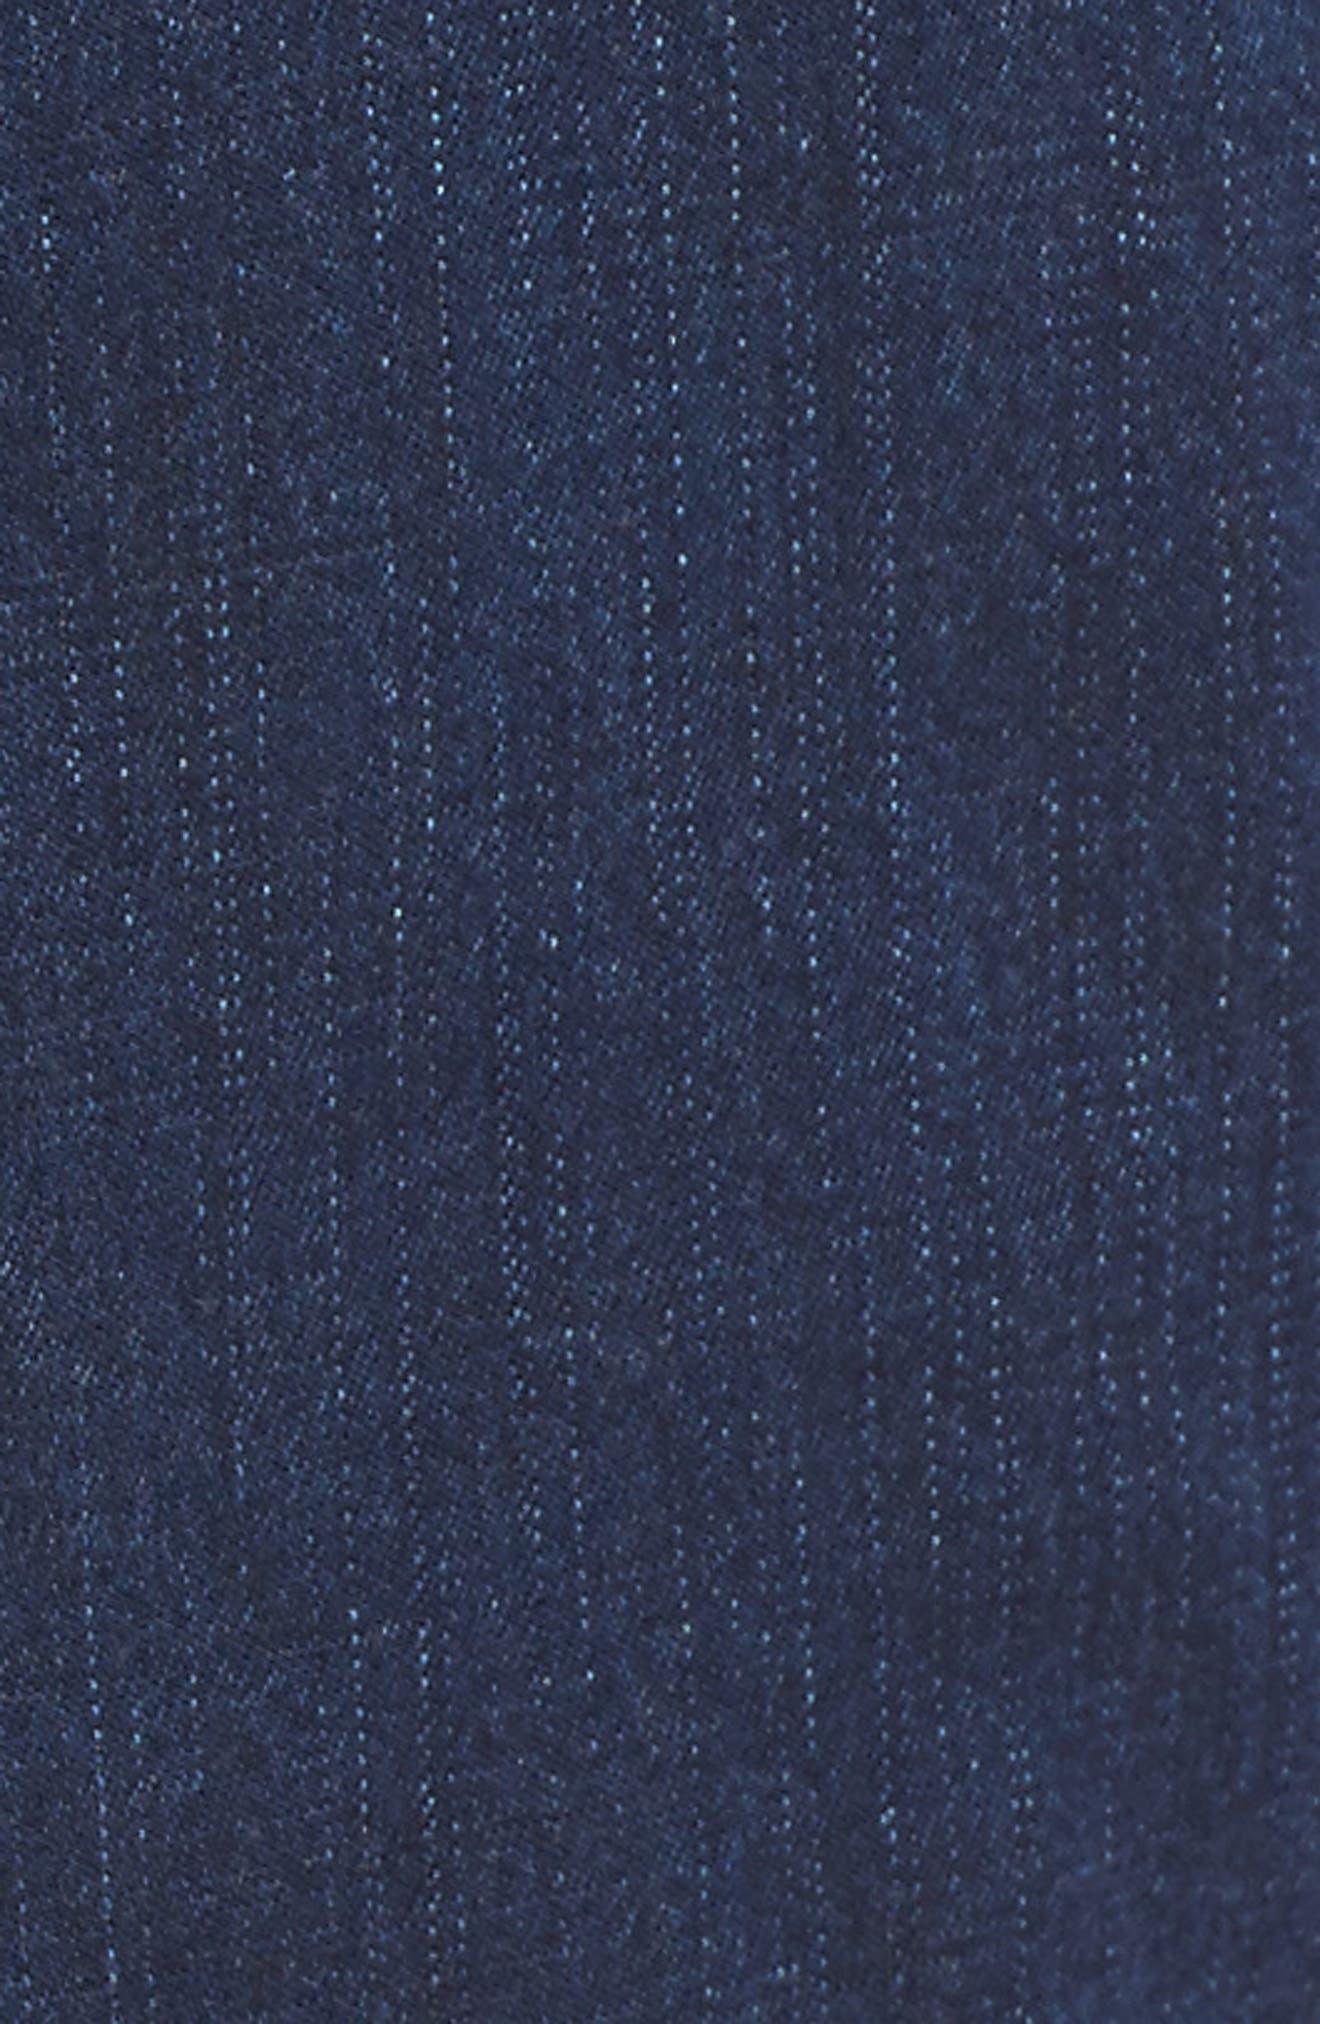 Slouchy Ankle Denim Pants,                             Alternate thumbnail 6, color,                             419